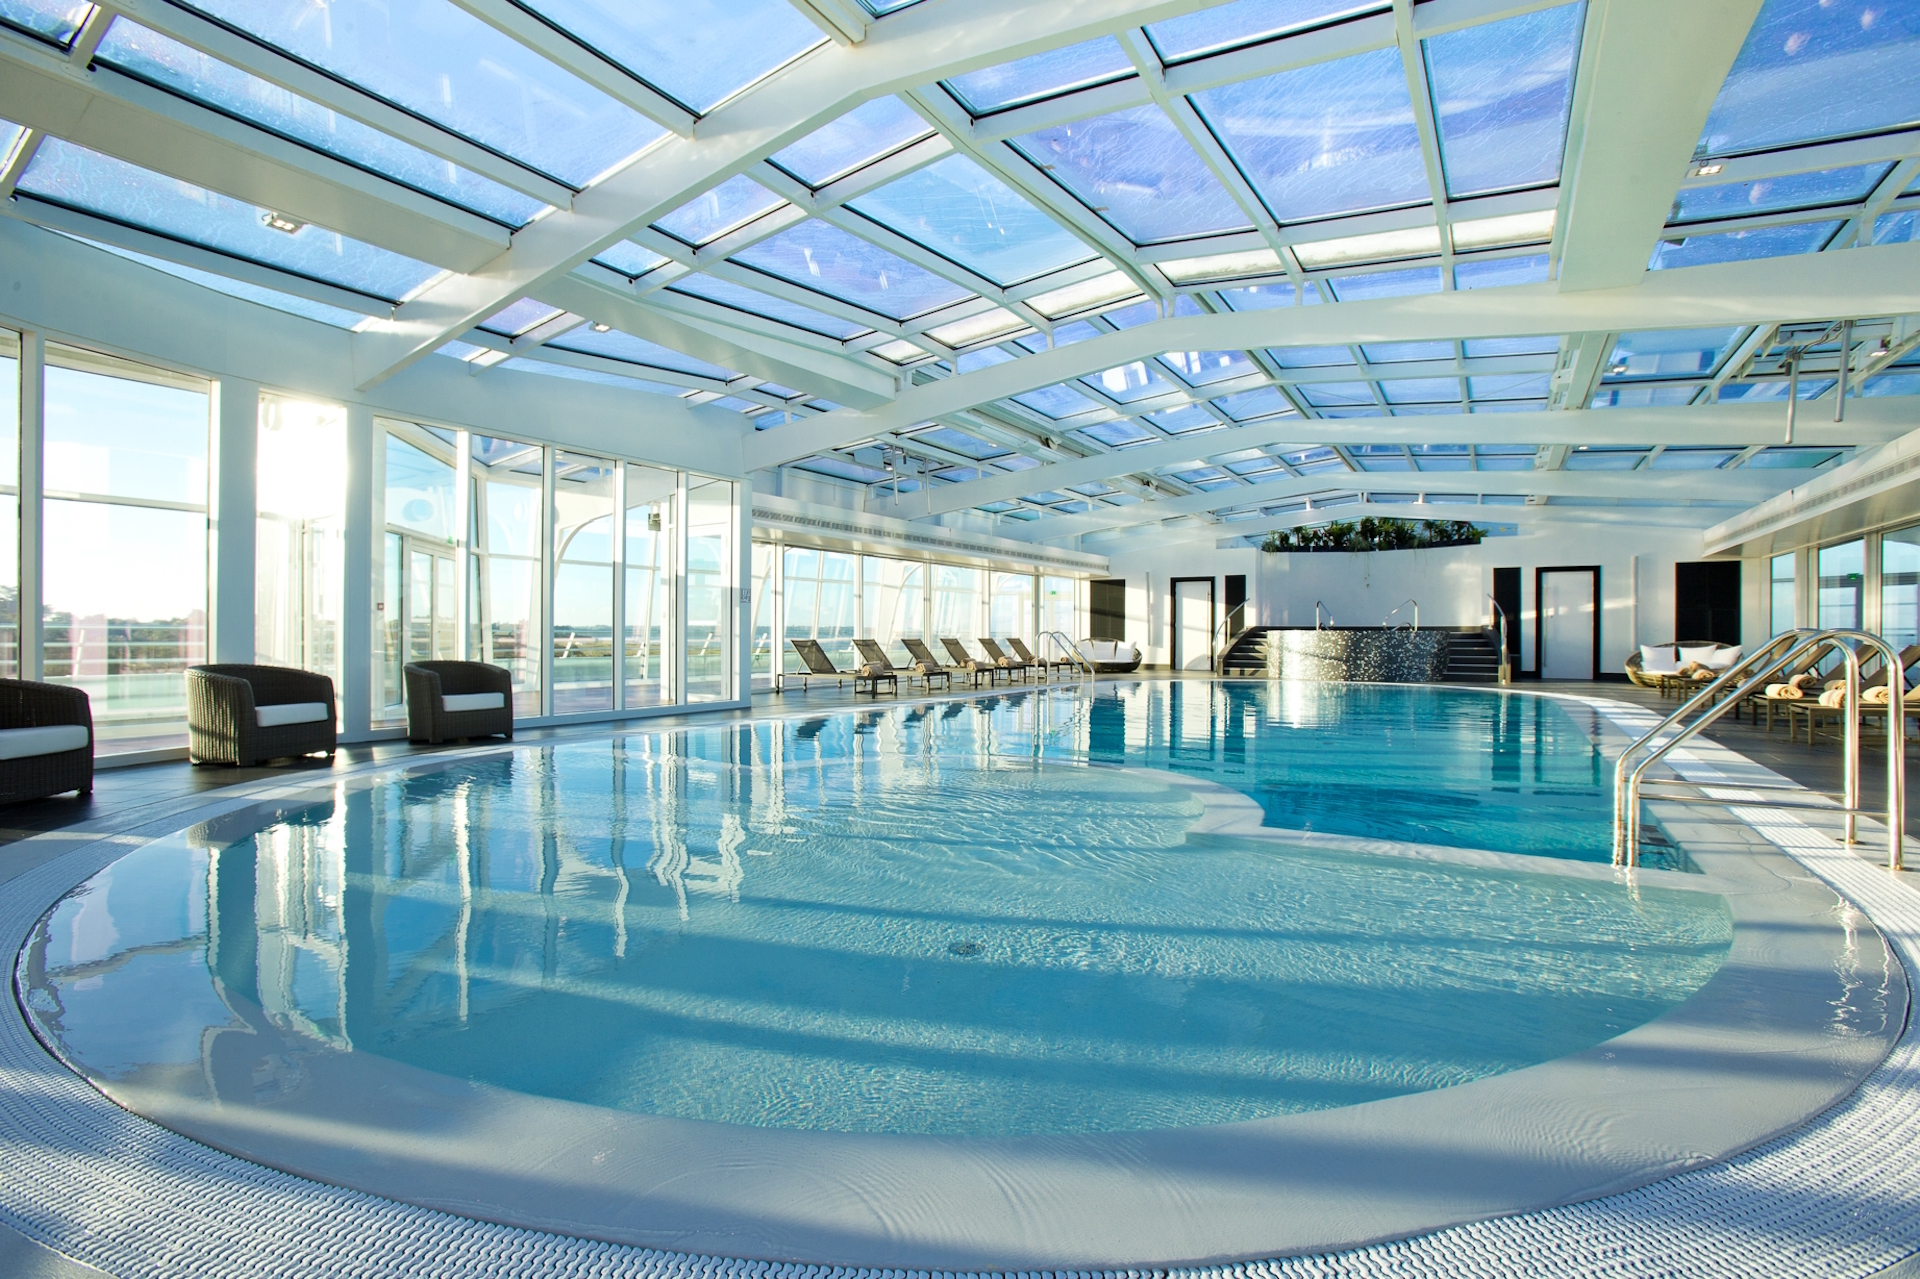 Hotel en bourgogne avec piscine couverte